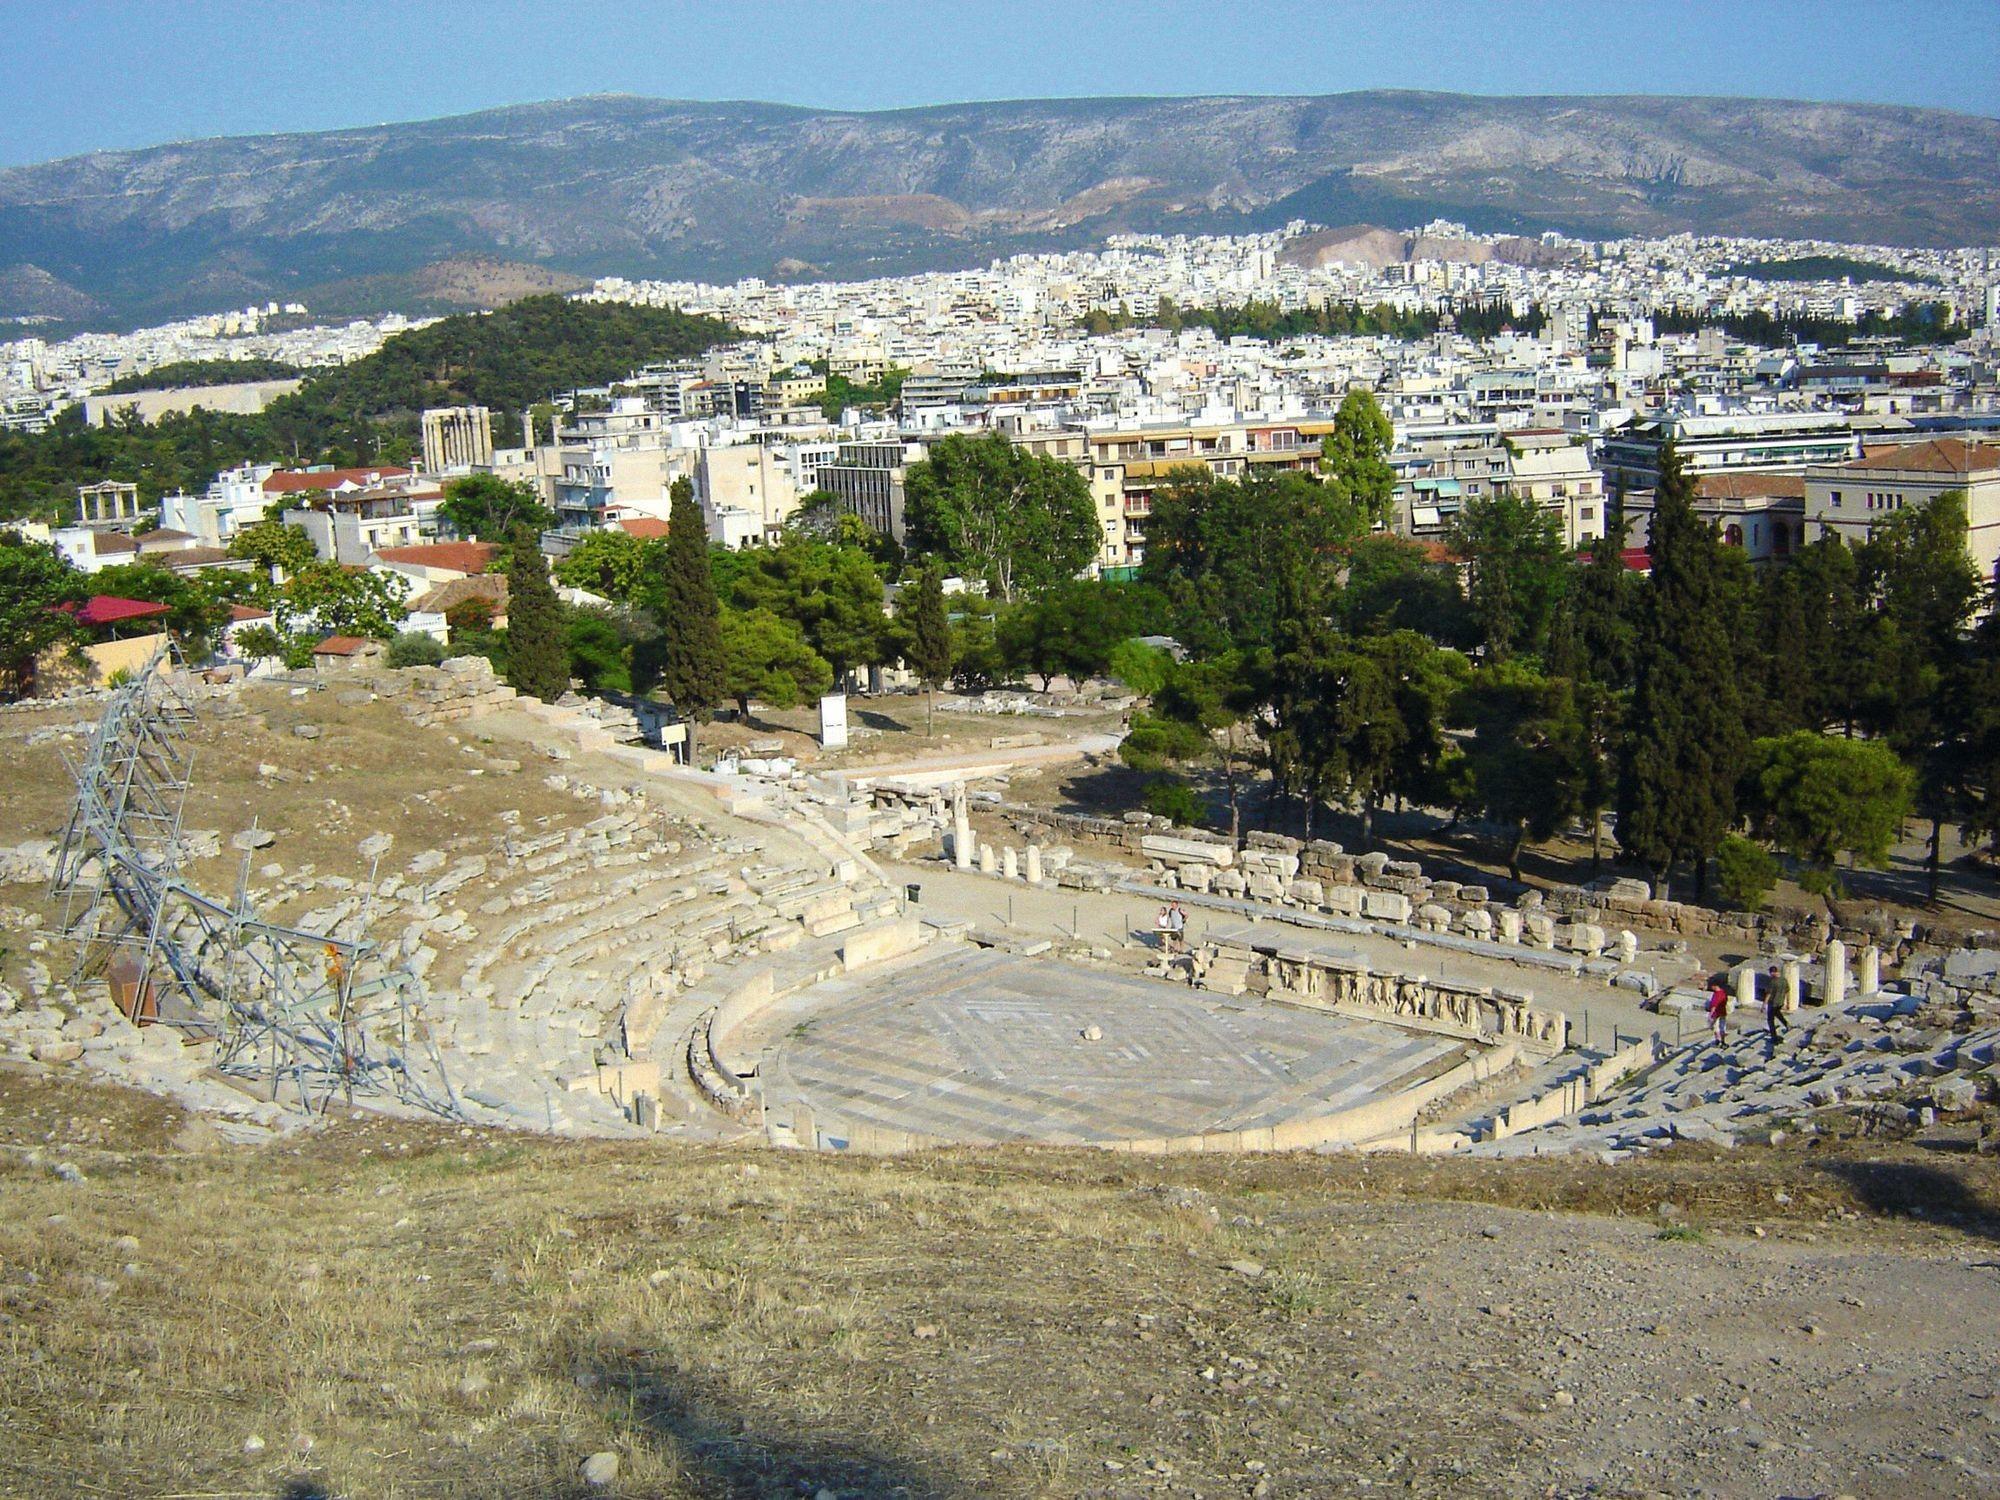 Le théâtre de Dionysos (Athènes)